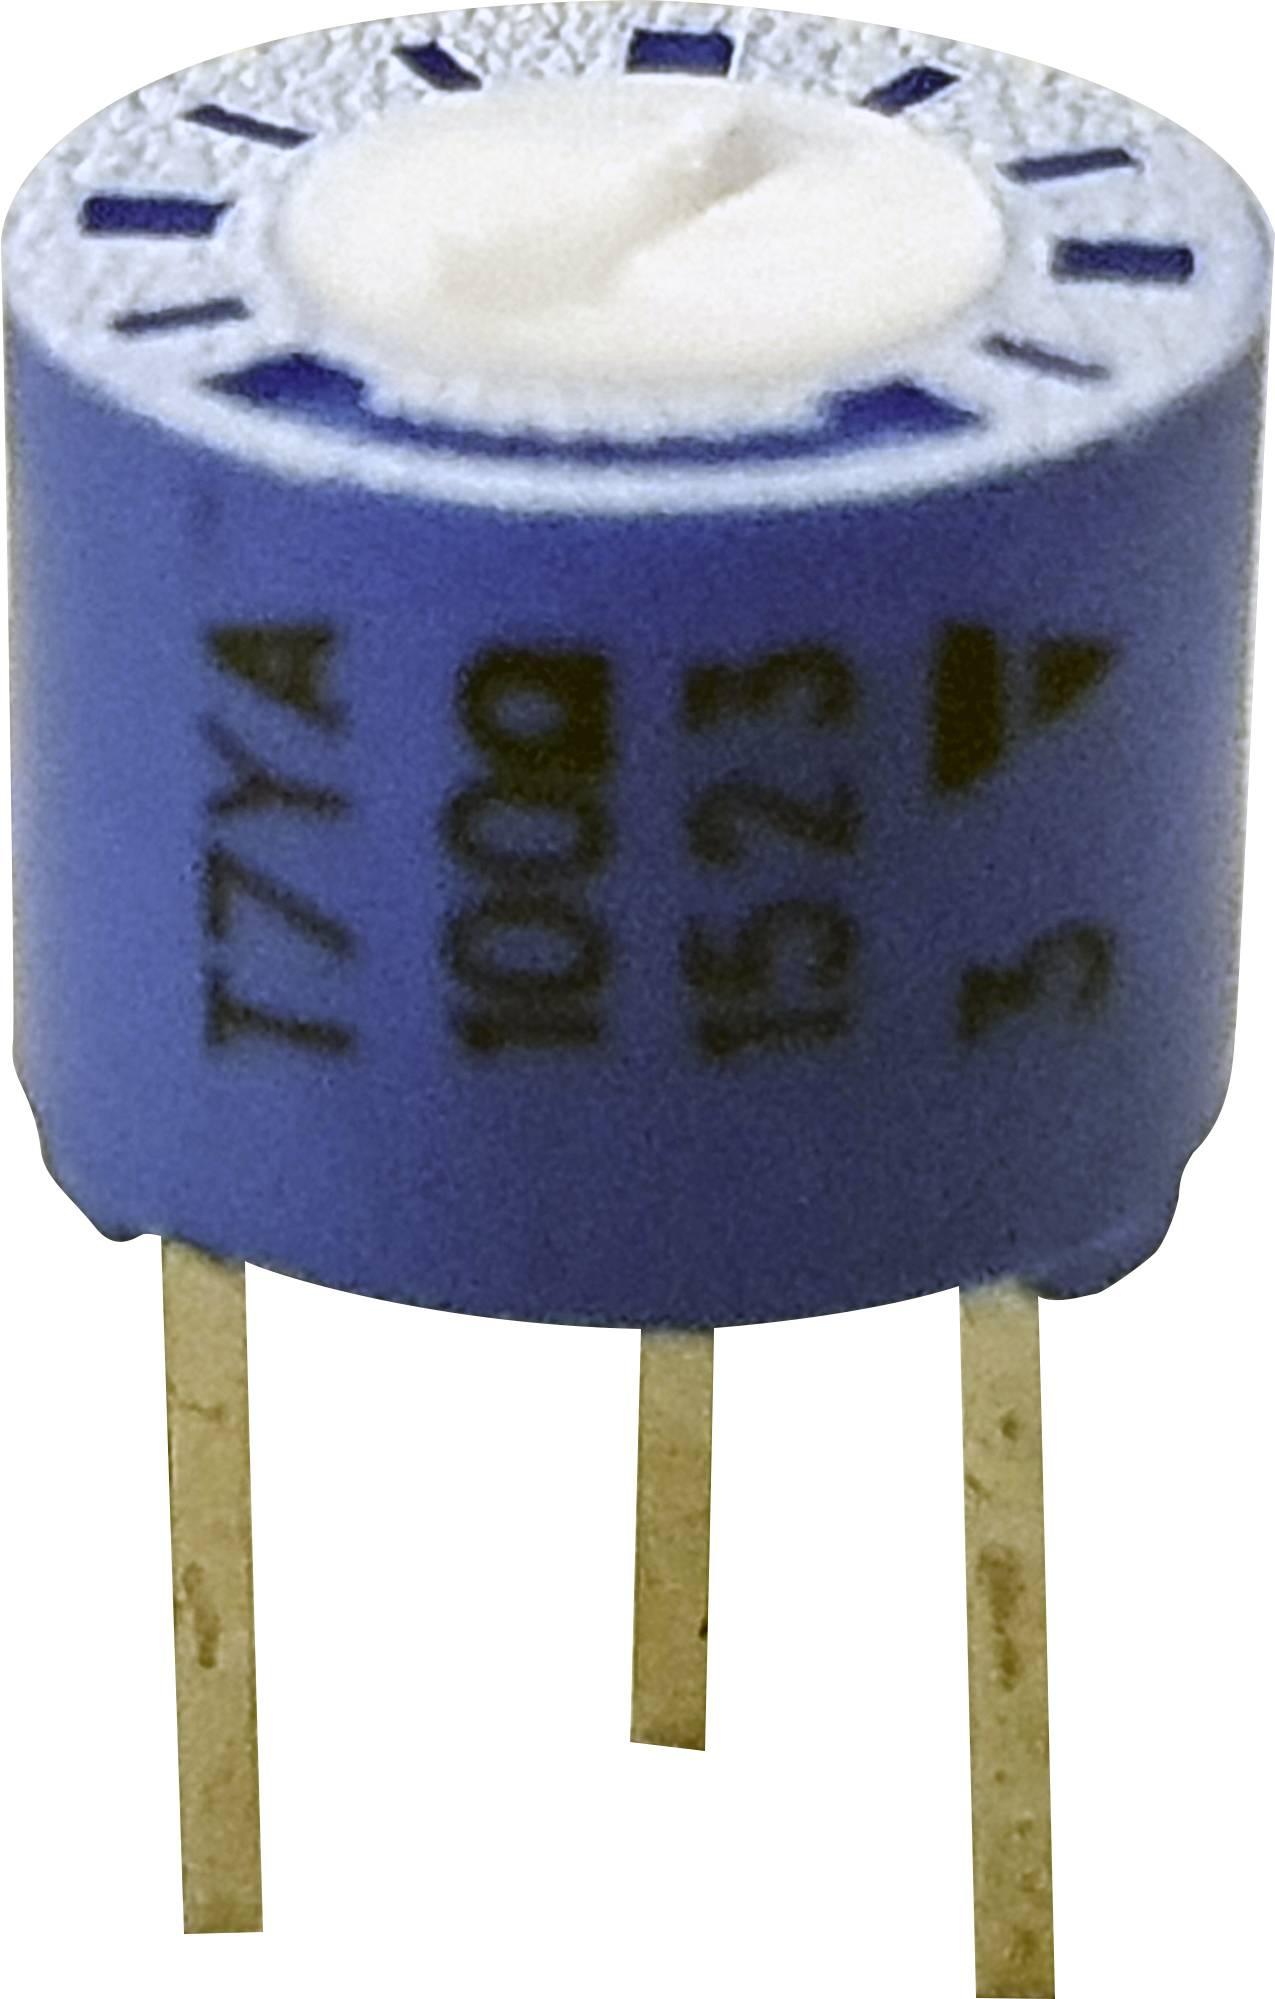 Precízny trimer Vishay 75 P 1K, lineárny, 1 kOhm, 0.5 W, 1 ks